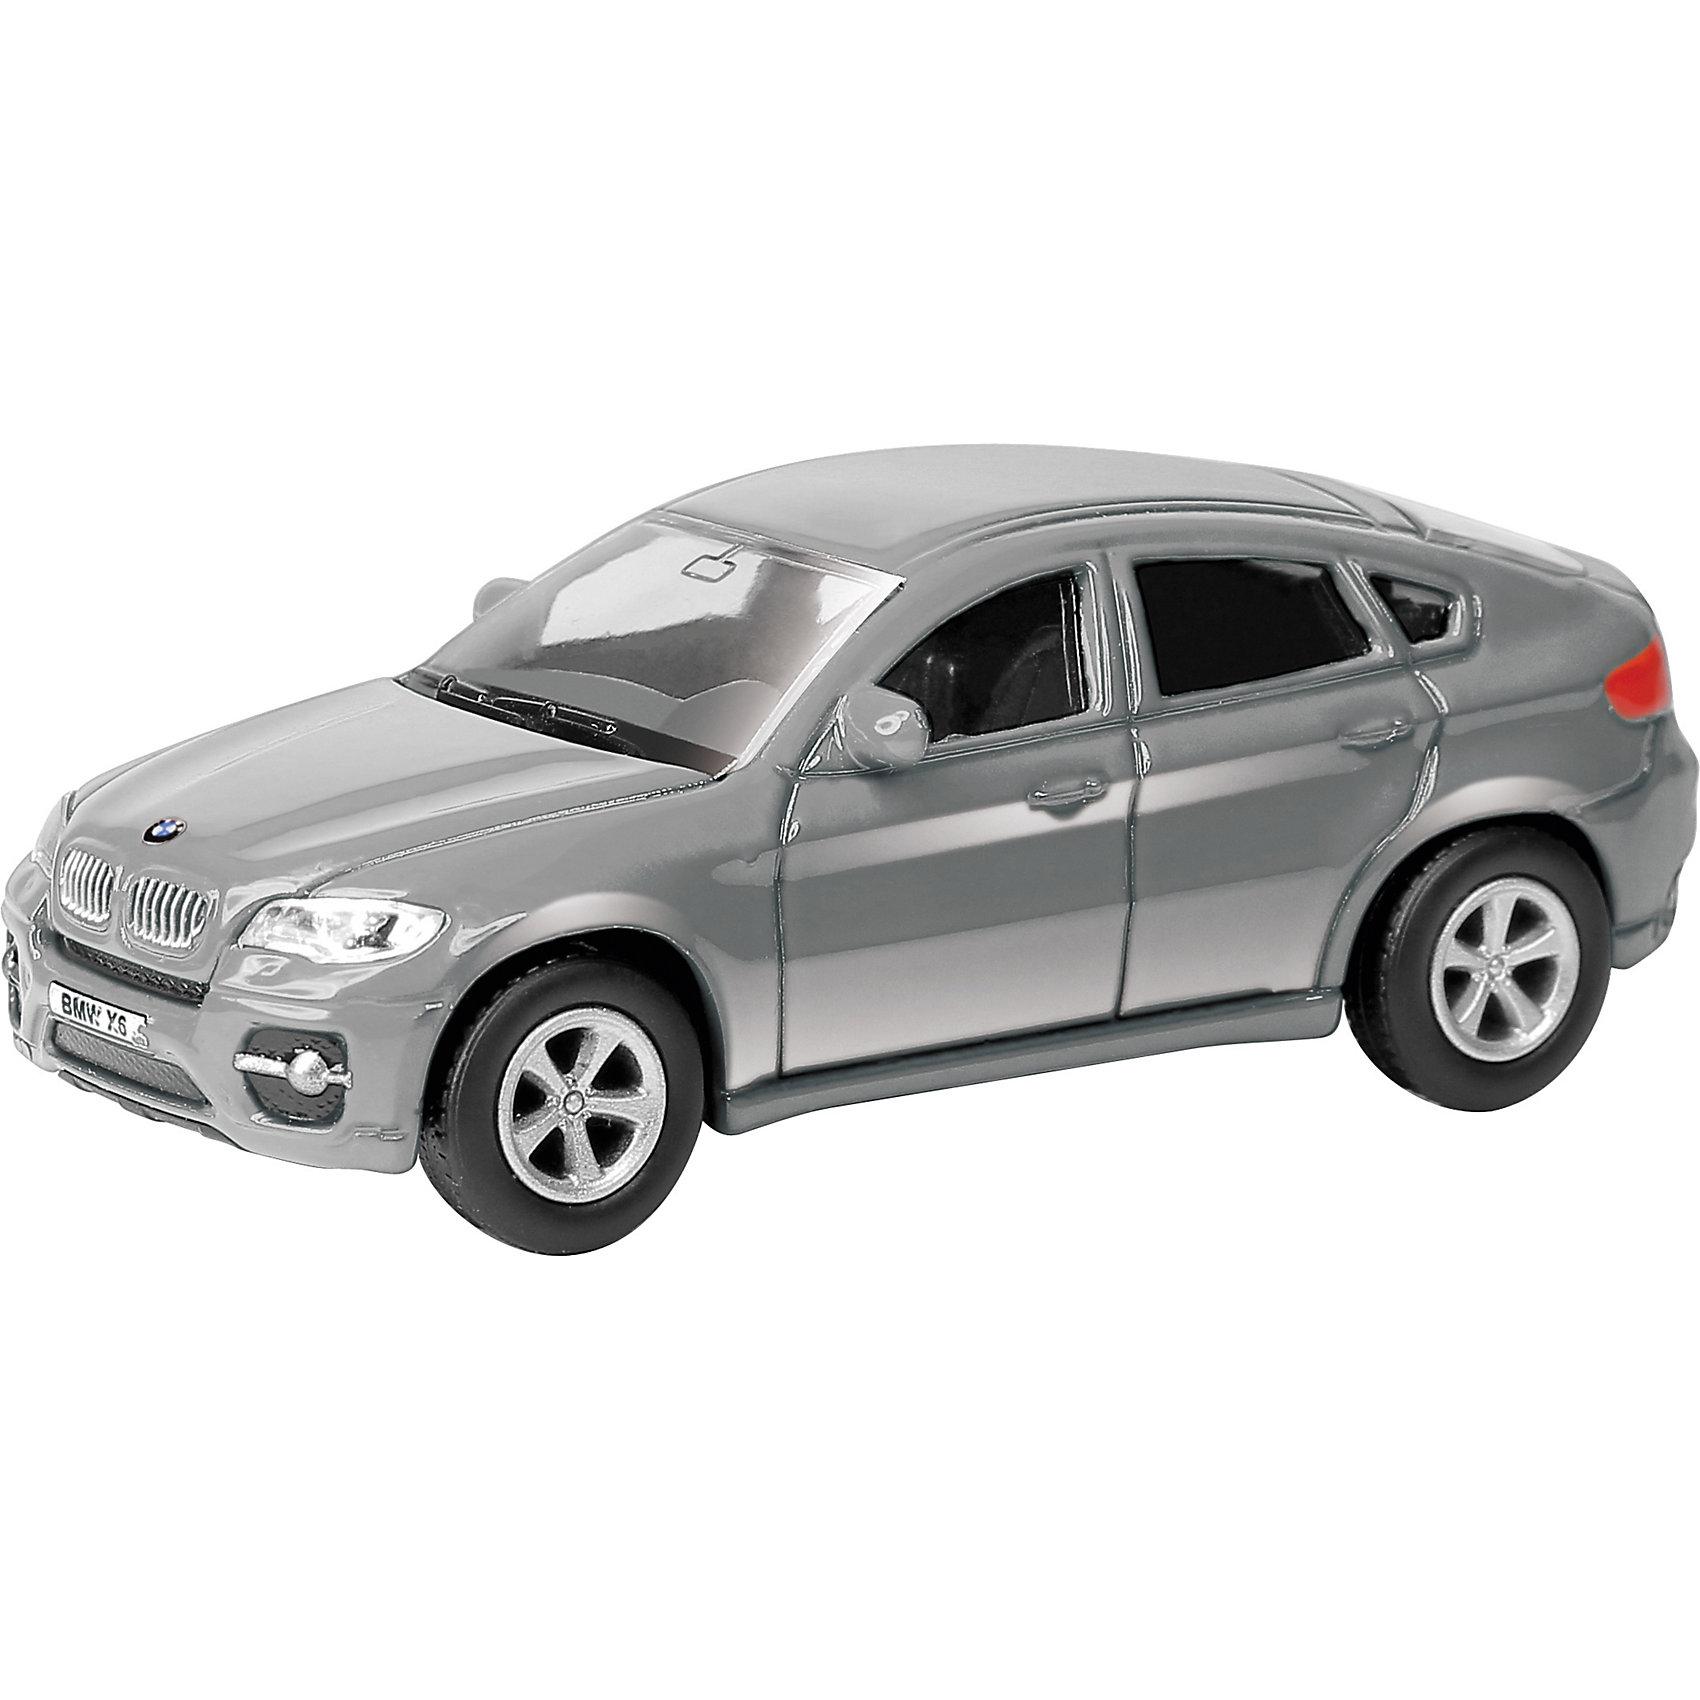 Машинка BMW X6 1:64, AutotimeМашинки<br>Характеристики товара:<br><br>• цвет: красный, серый<br>• возраст: от 3 лет<br>• материал: металл, пластик<br>• масштаб: 1:64<br>• колеса вращаются<br>• размер упаковки: 15х6х6 см<br>• вес с упаковкой: 100 г<br>• страна бренда: Россия, Китай<br>• страна изготовитель: Китай<br><br>Такая машинка представляет собой миниатюрную копию реально существующей модели. Она отличается высокой детализацией, является коллекционной моделью. <br><br>Машинка произведена из прочного и безопасного материала. Благодаря прозрачным стеклам виден подробно проработанный салон.<br><br>Машинку «BMW X6» 1:64, Autotime (Автотайм) можно купить в нашем интернет-магазине.<br><br>Ширина мм: 90<br>Глубина мм: 42<br>Высота мм: 40<br>Вес г: 13<br>Возраст от месяцев: 36<br>Возраст до месяцев: 2147483647<br>Пол: Мужской<br>Возраст: Детский<br>SKU: 5584082